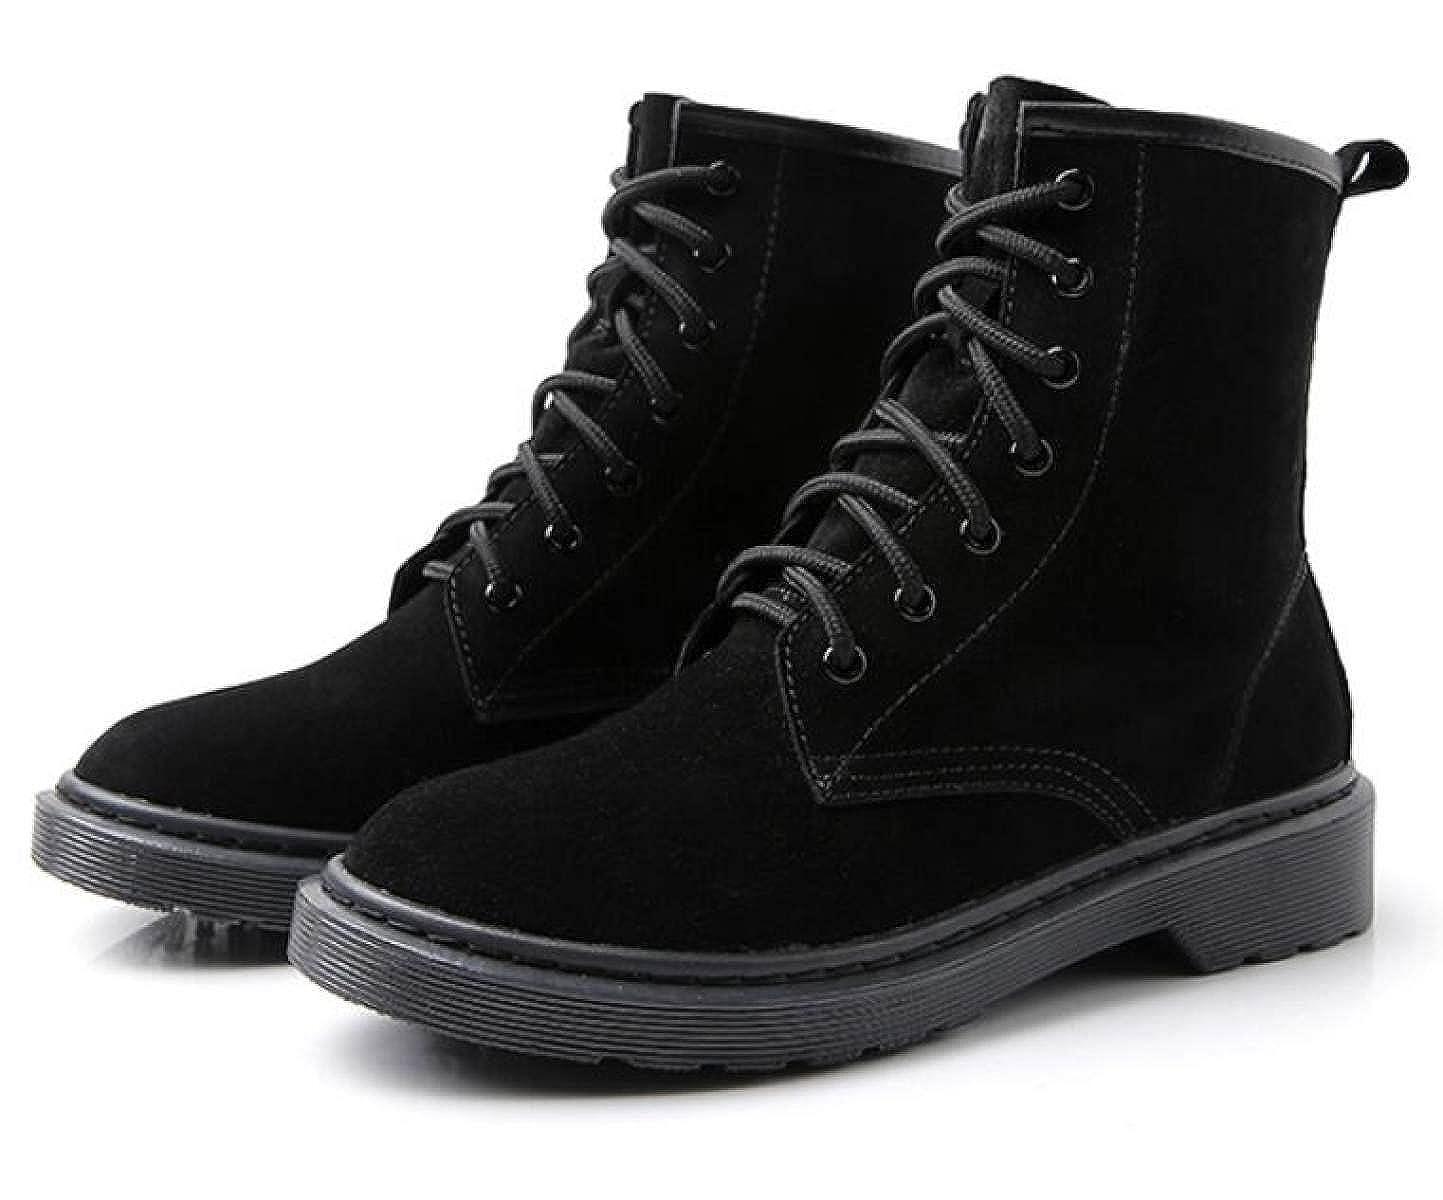 Herbst Und Und Herbst Winter Leder England Martin Stiefel Mode Spitze Hoch Zu Helfen Schuhe schwarzplusvelvet 7a1c1f